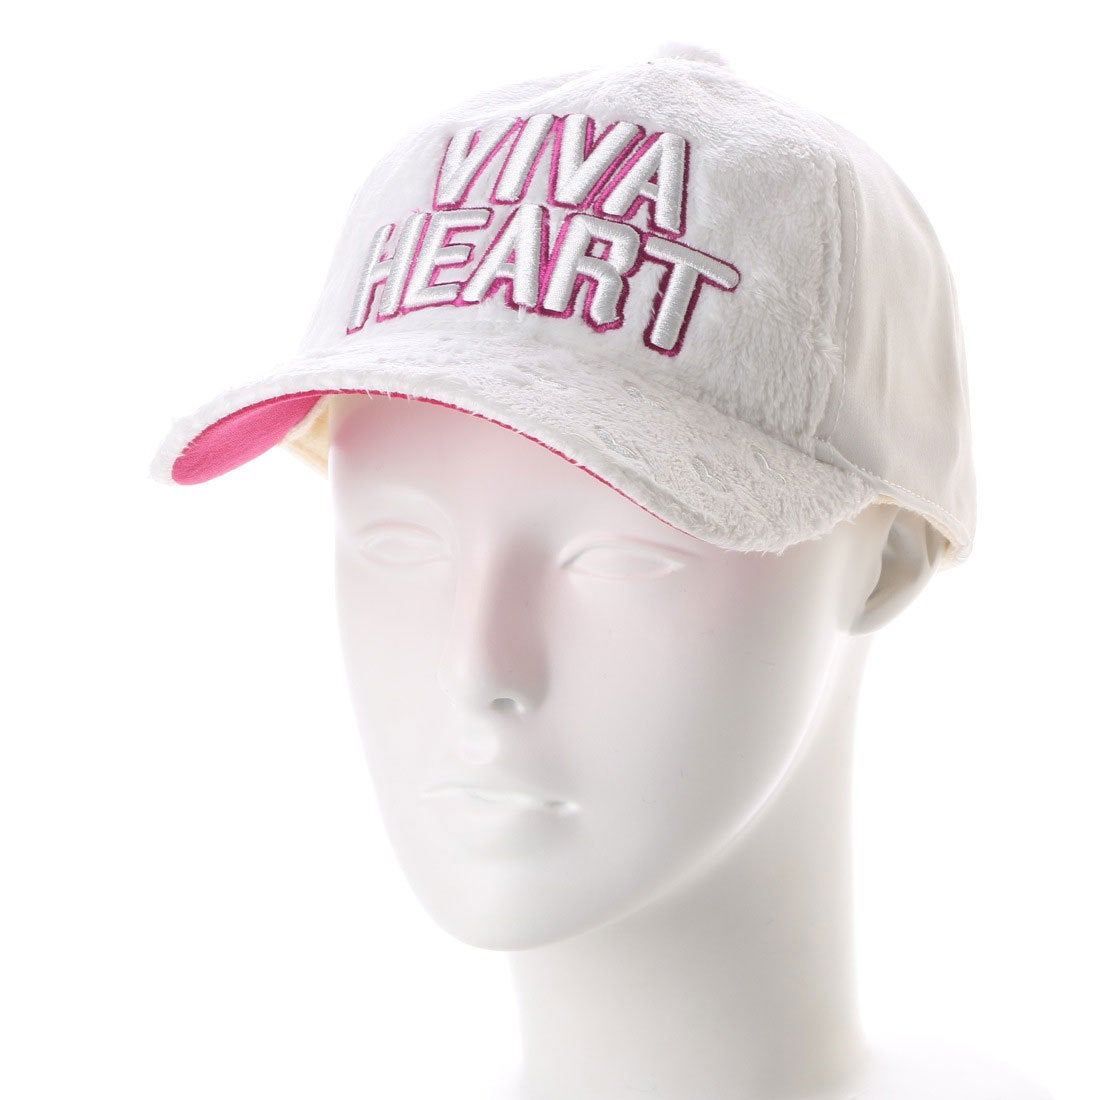 【SALE 48%OFF】ビバハート VIVA HEART レディース ゴルフ キャップ 017-54005 レディース